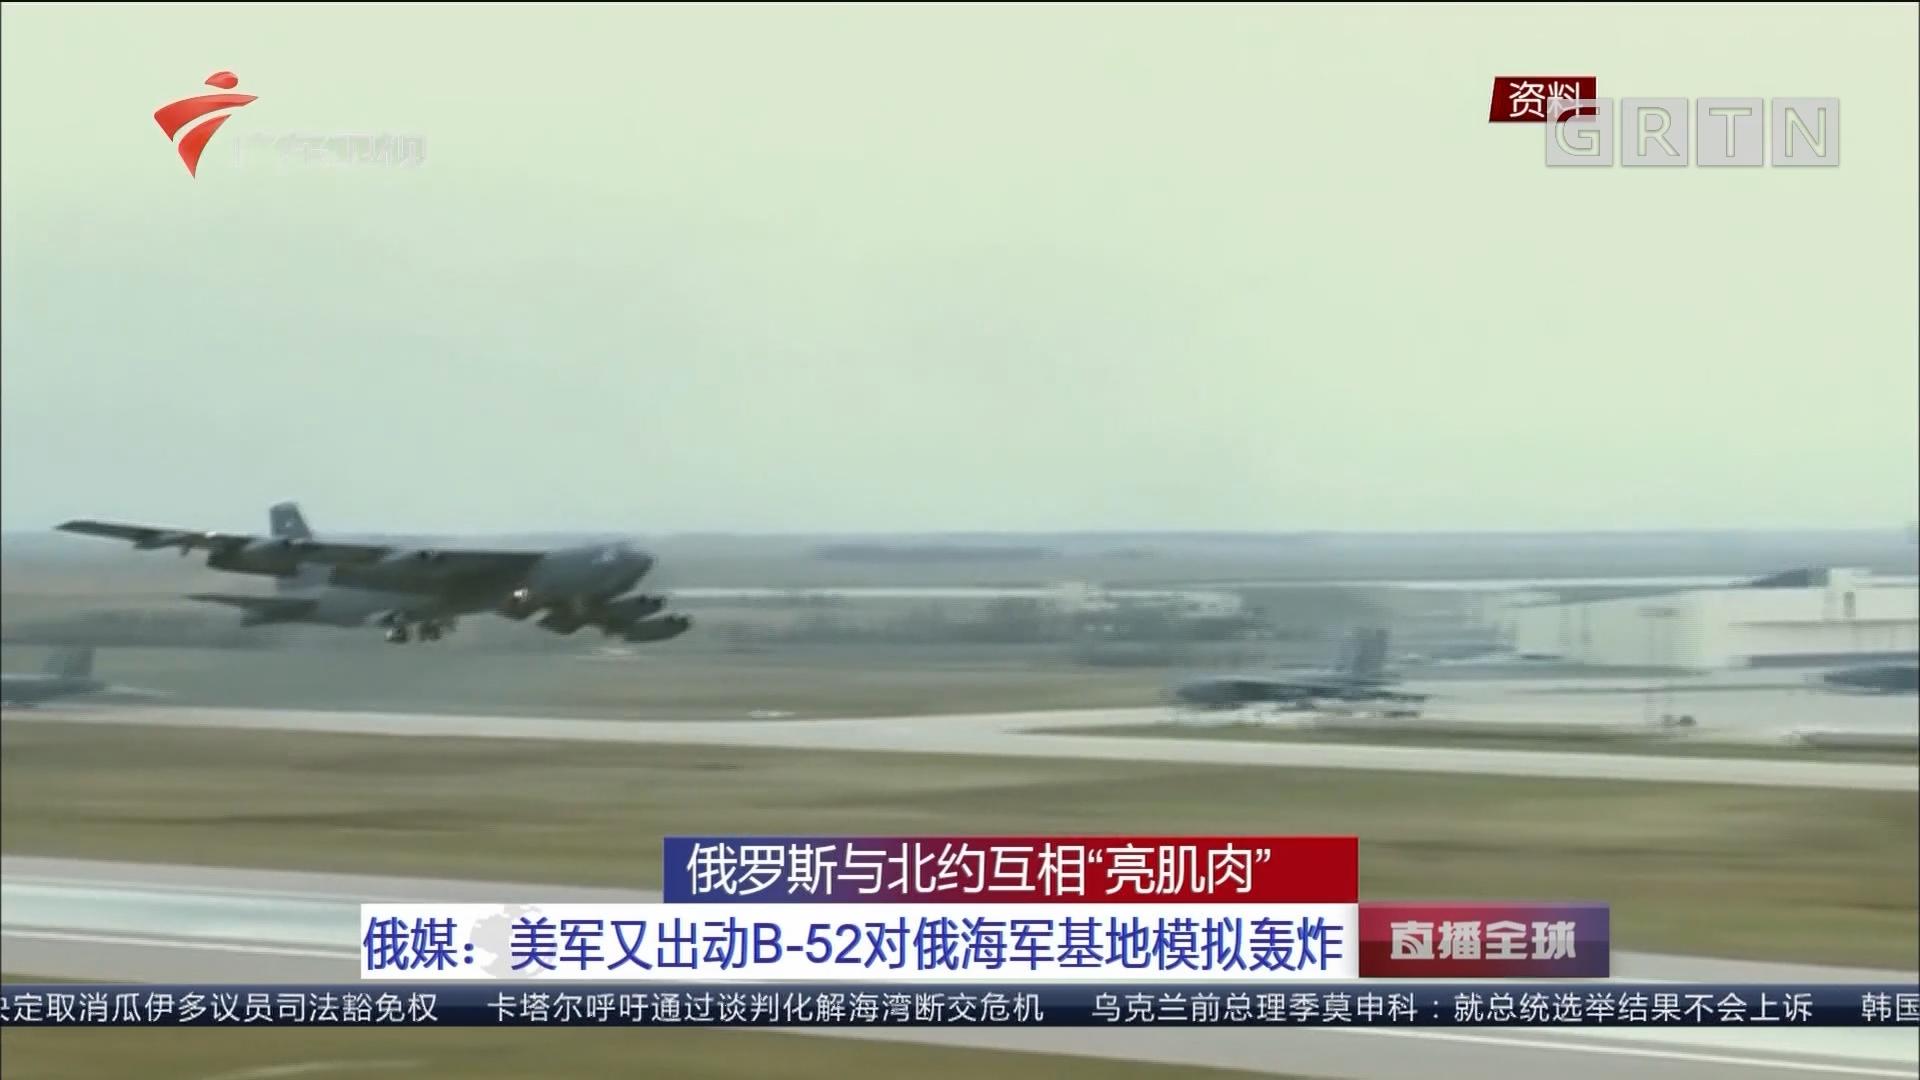 """俄罗斯与北约互相""""亮肌肉"""" 俄媒:美军又出动B-52对俄海军基地模拟轰炸"""